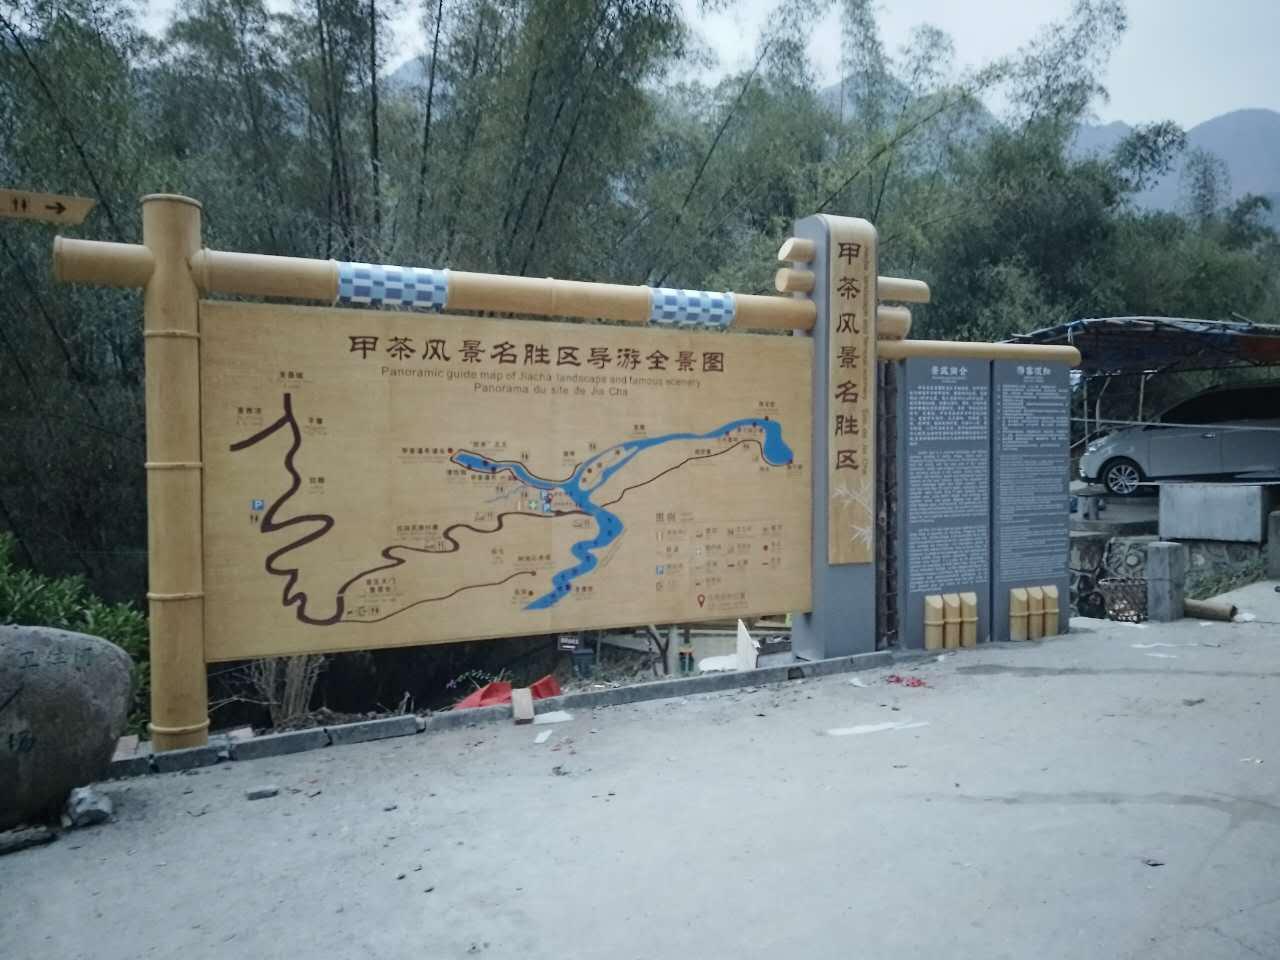 """项目时间:2016年 项目地点:贵州 项目名称:贵州甲茶标识导视系统规划设计制作安装 甲茶景区属国家级风景名胜区,位于贵州省平塘县甲茶镇甲茶村,距县城45公里,总面积45.1平方公里,核心景区约14.6平方公里,最低海拔402米,主要以瀑布、奇竹、沙滩和亚热带南国风光为主要特色,享有""""甲茶风光赛桂林""""之美誉。甲茶景区共有景物景观20余个,包括甲茶瀑布、水上森林、清恬园、竹溪、燕子洞、拉抹民族村寨、九曲十八湾、拉七峡谷、八贡河谷等景点,其中以独特的瀑布令人称奇,以秀丽俊美的亚热带南国"""